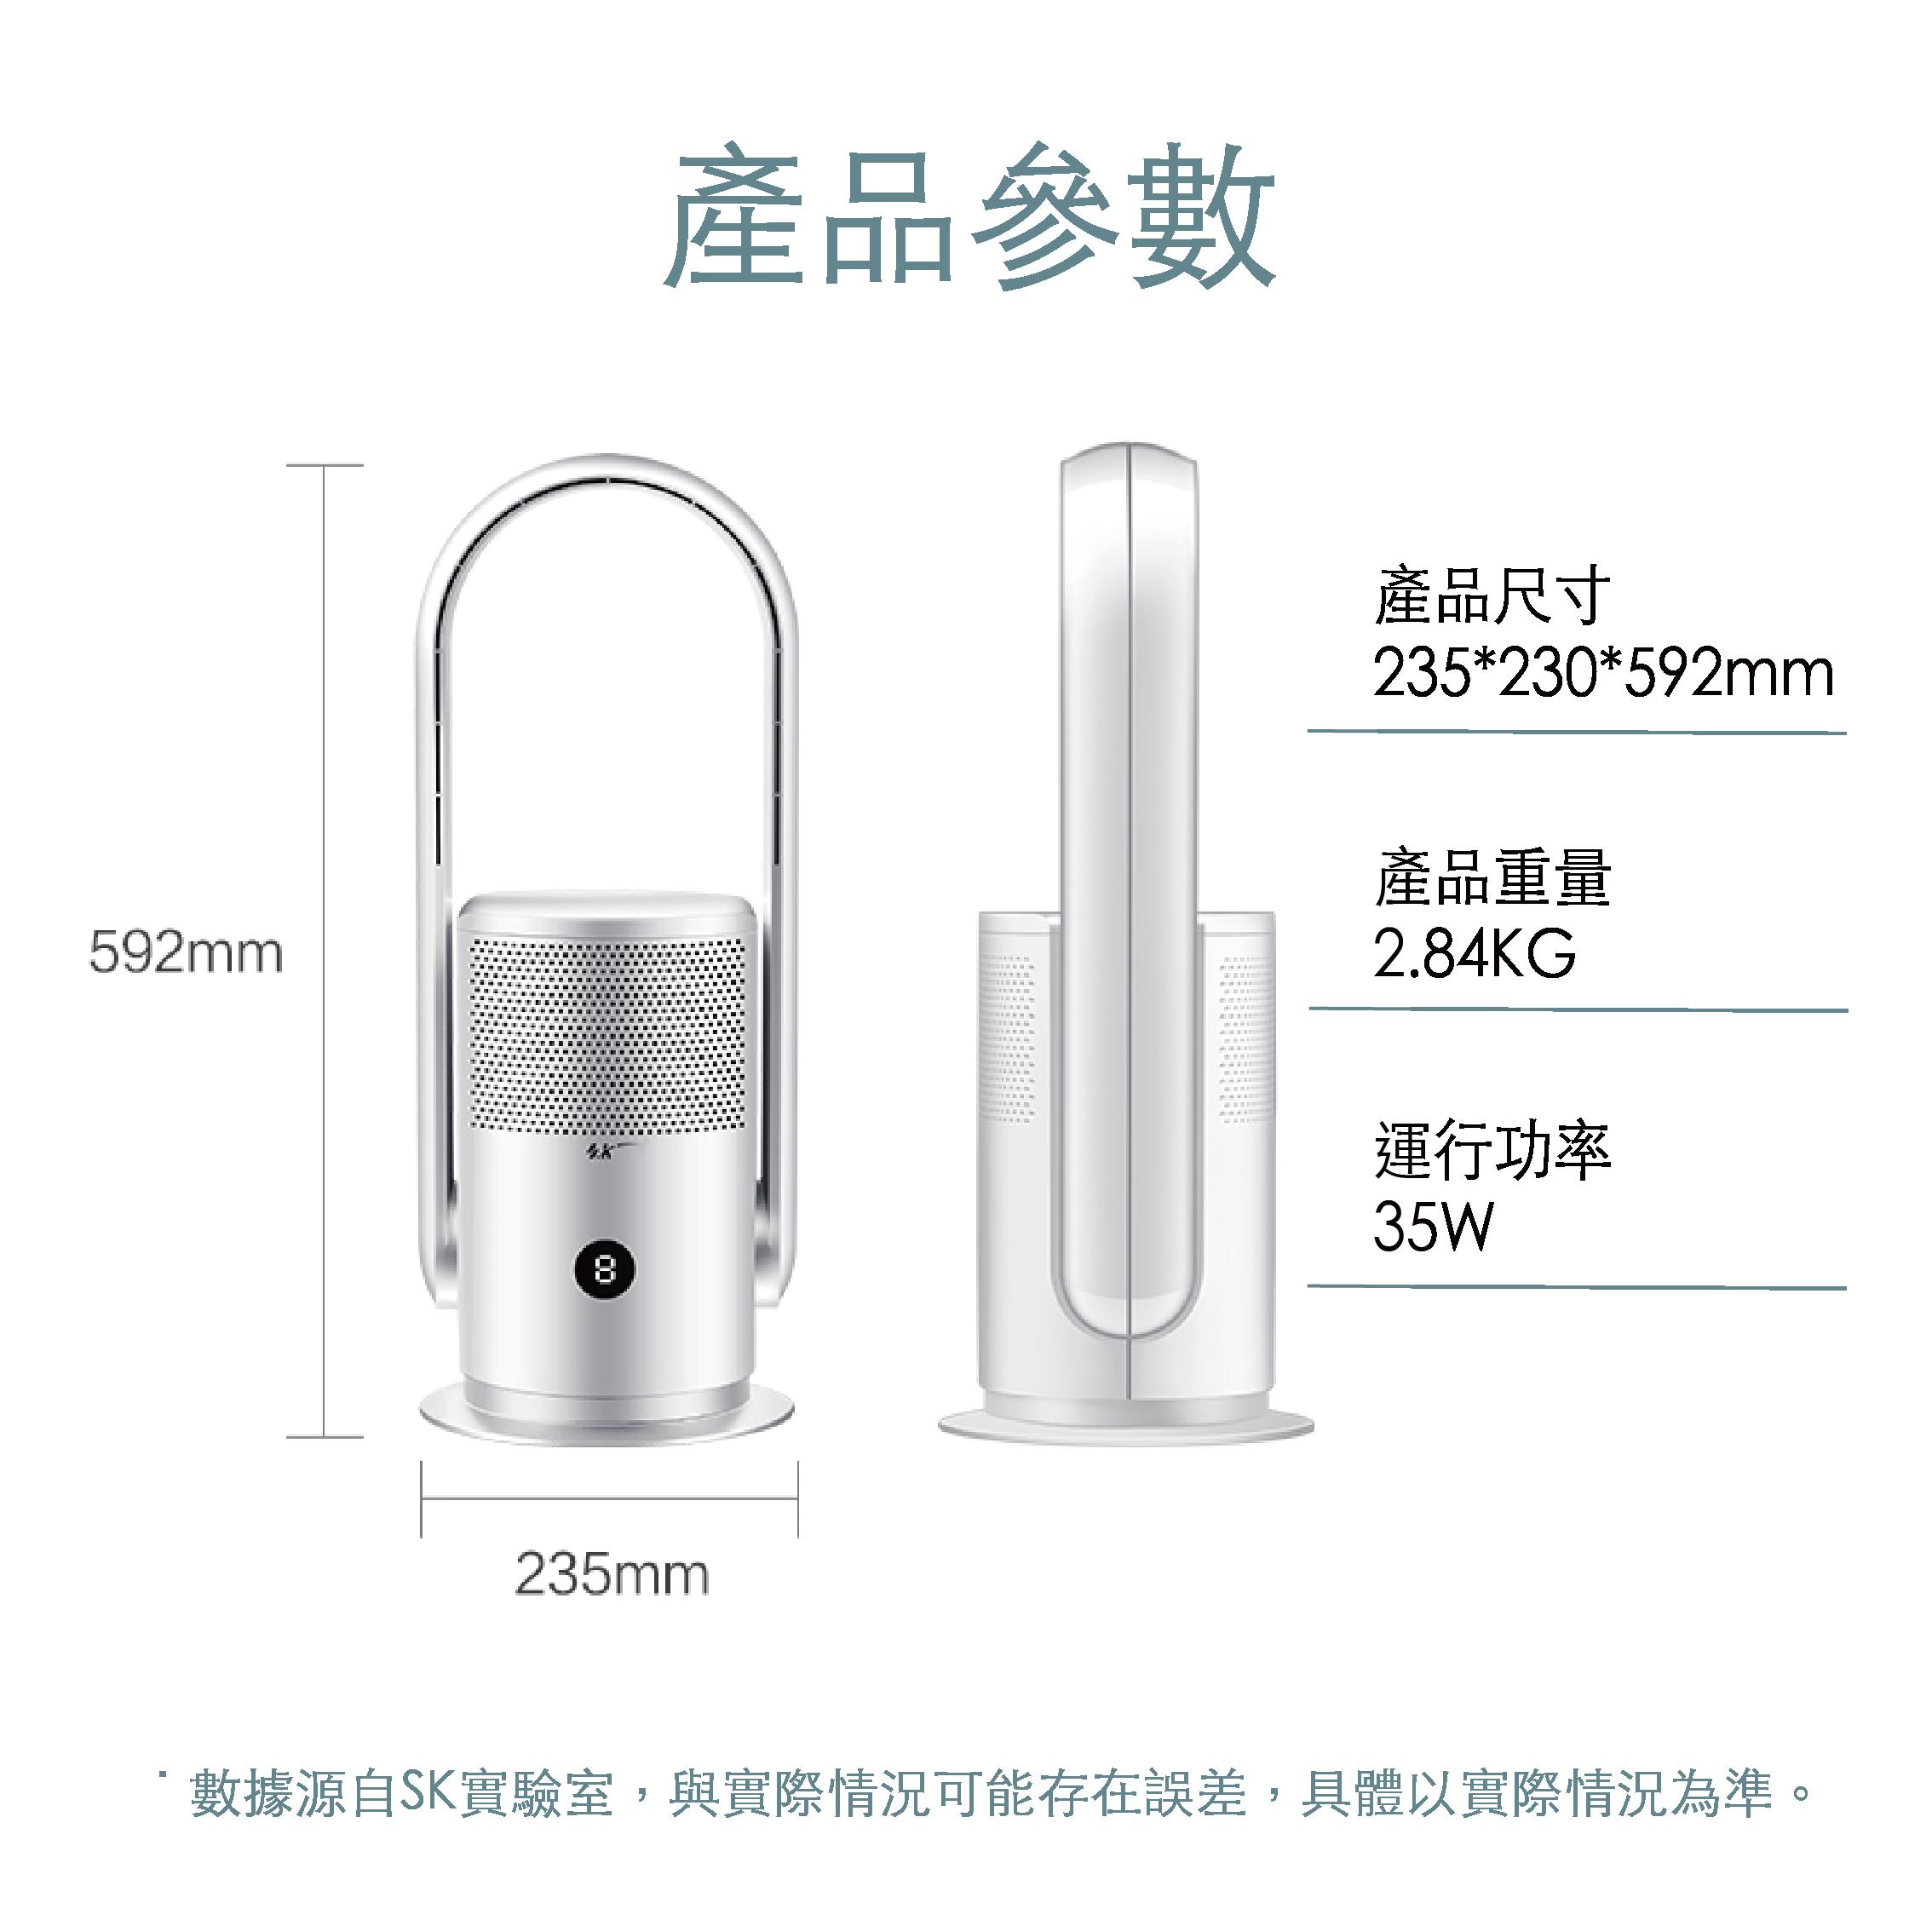 SK Japan 無葉風扇2020新款落地扇靜音家用空氣清淨機 淨化對流台式塔式無扇葉電風扇 3